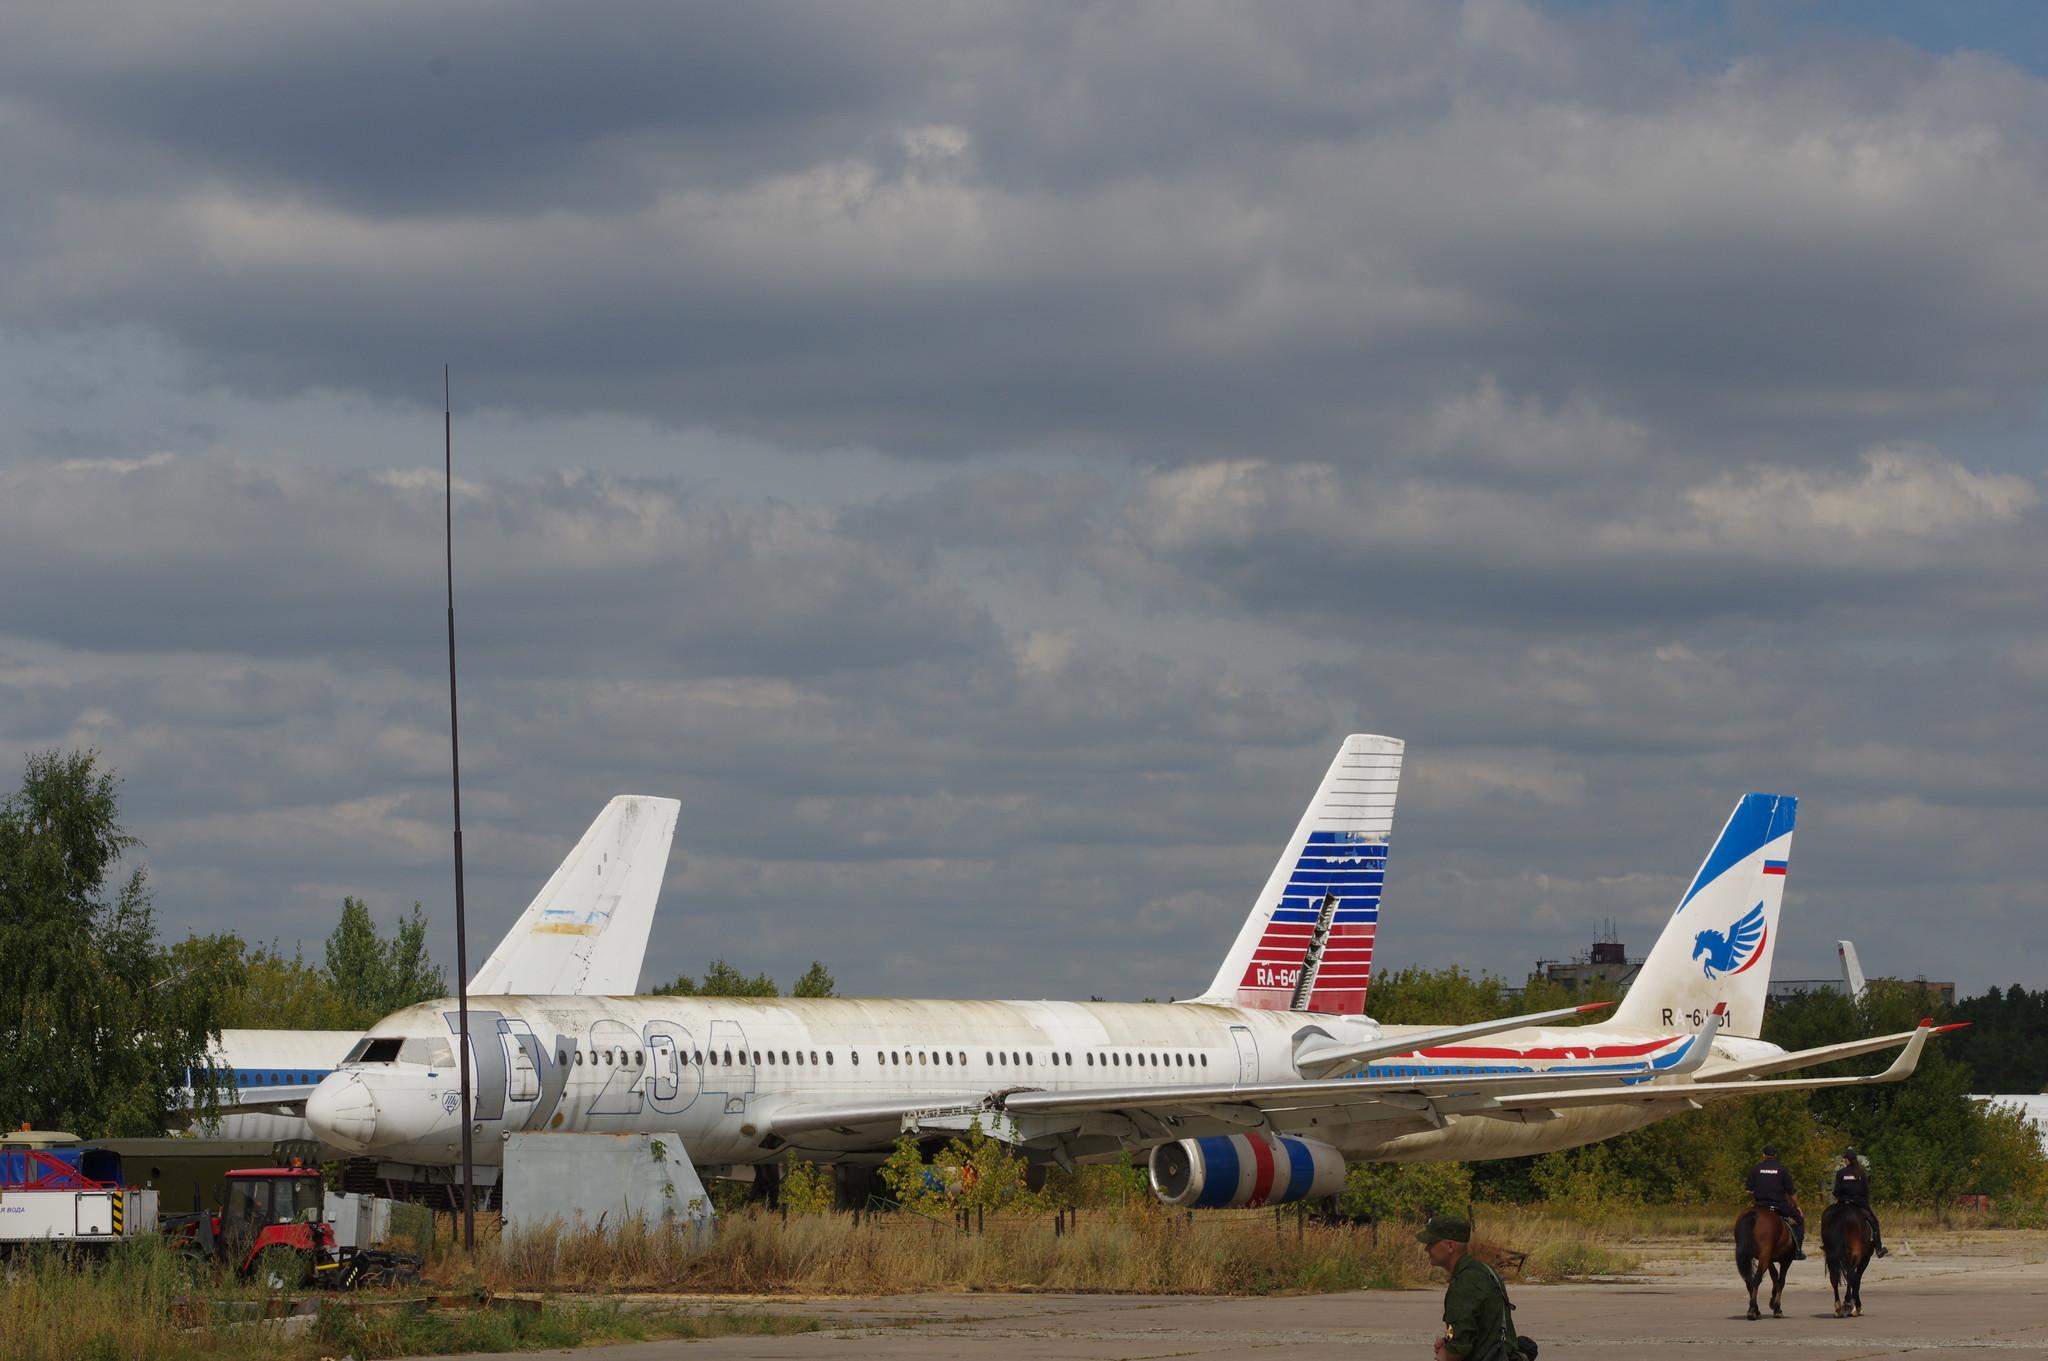 Аэродром Лётно-Исследовательского института имени Громова в Жуковском